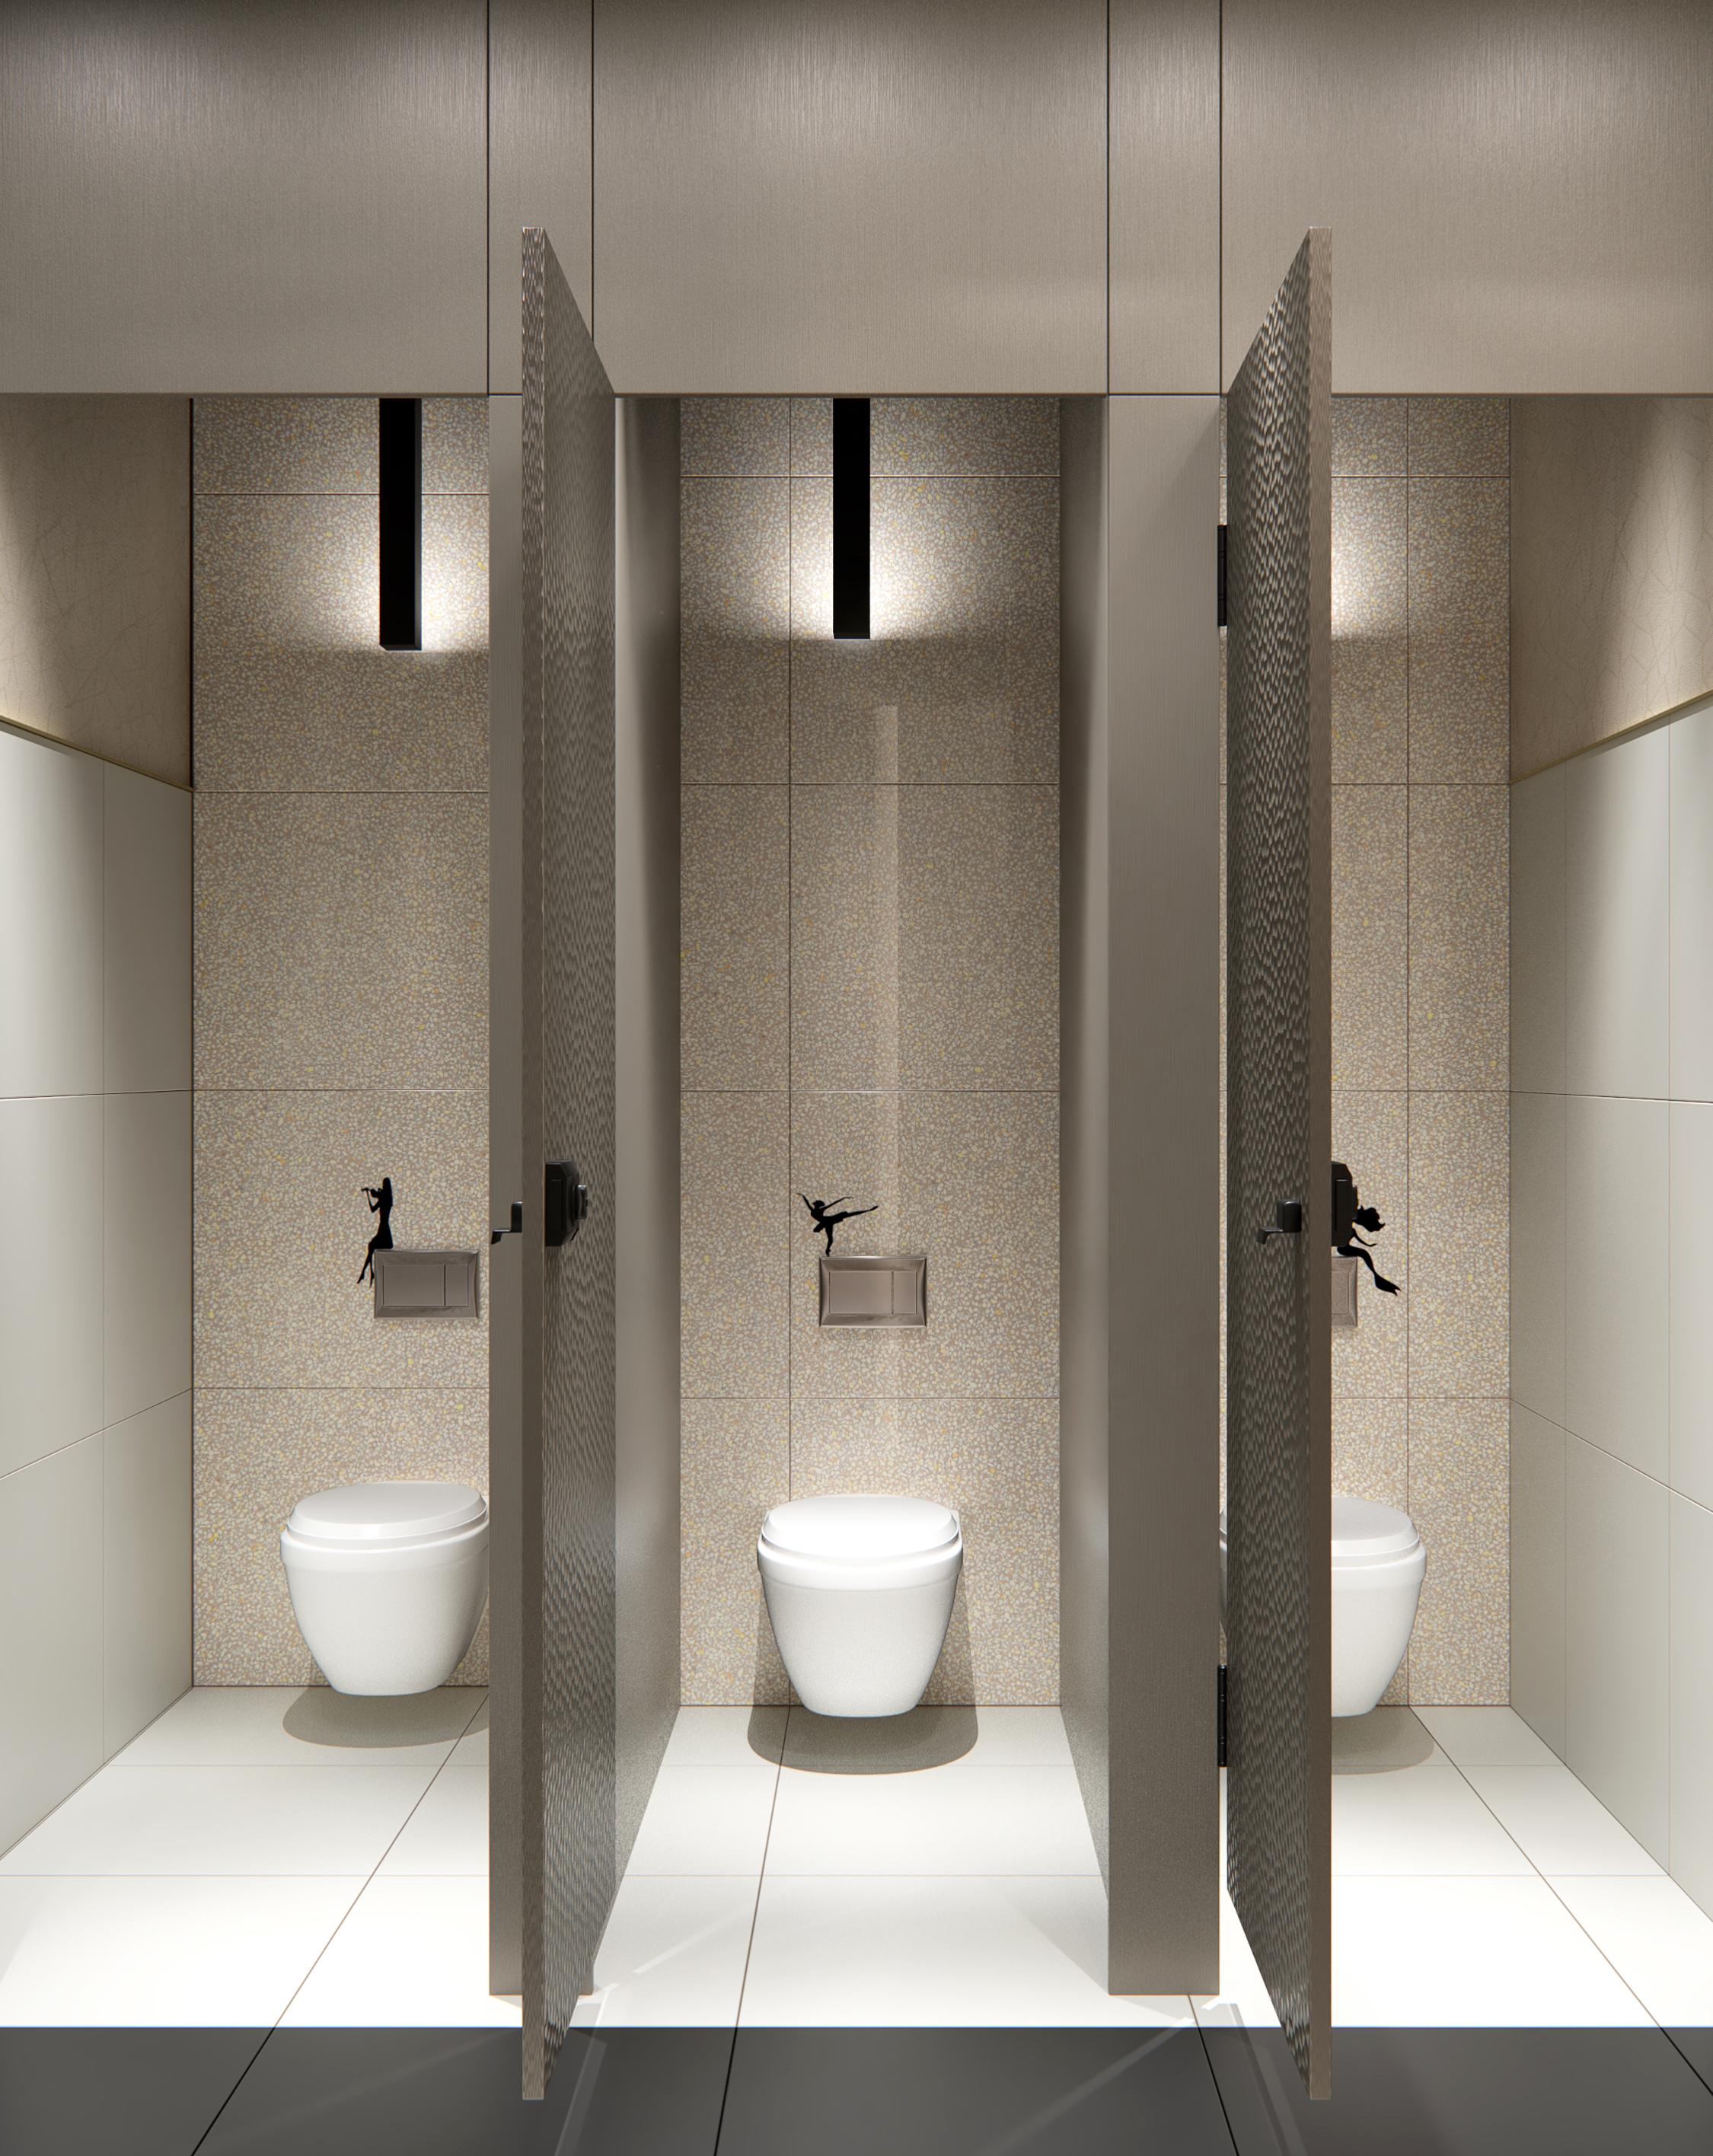 420 5TH AVENUE PUBLIC BATHROOM - WOMEN - 4.jpg